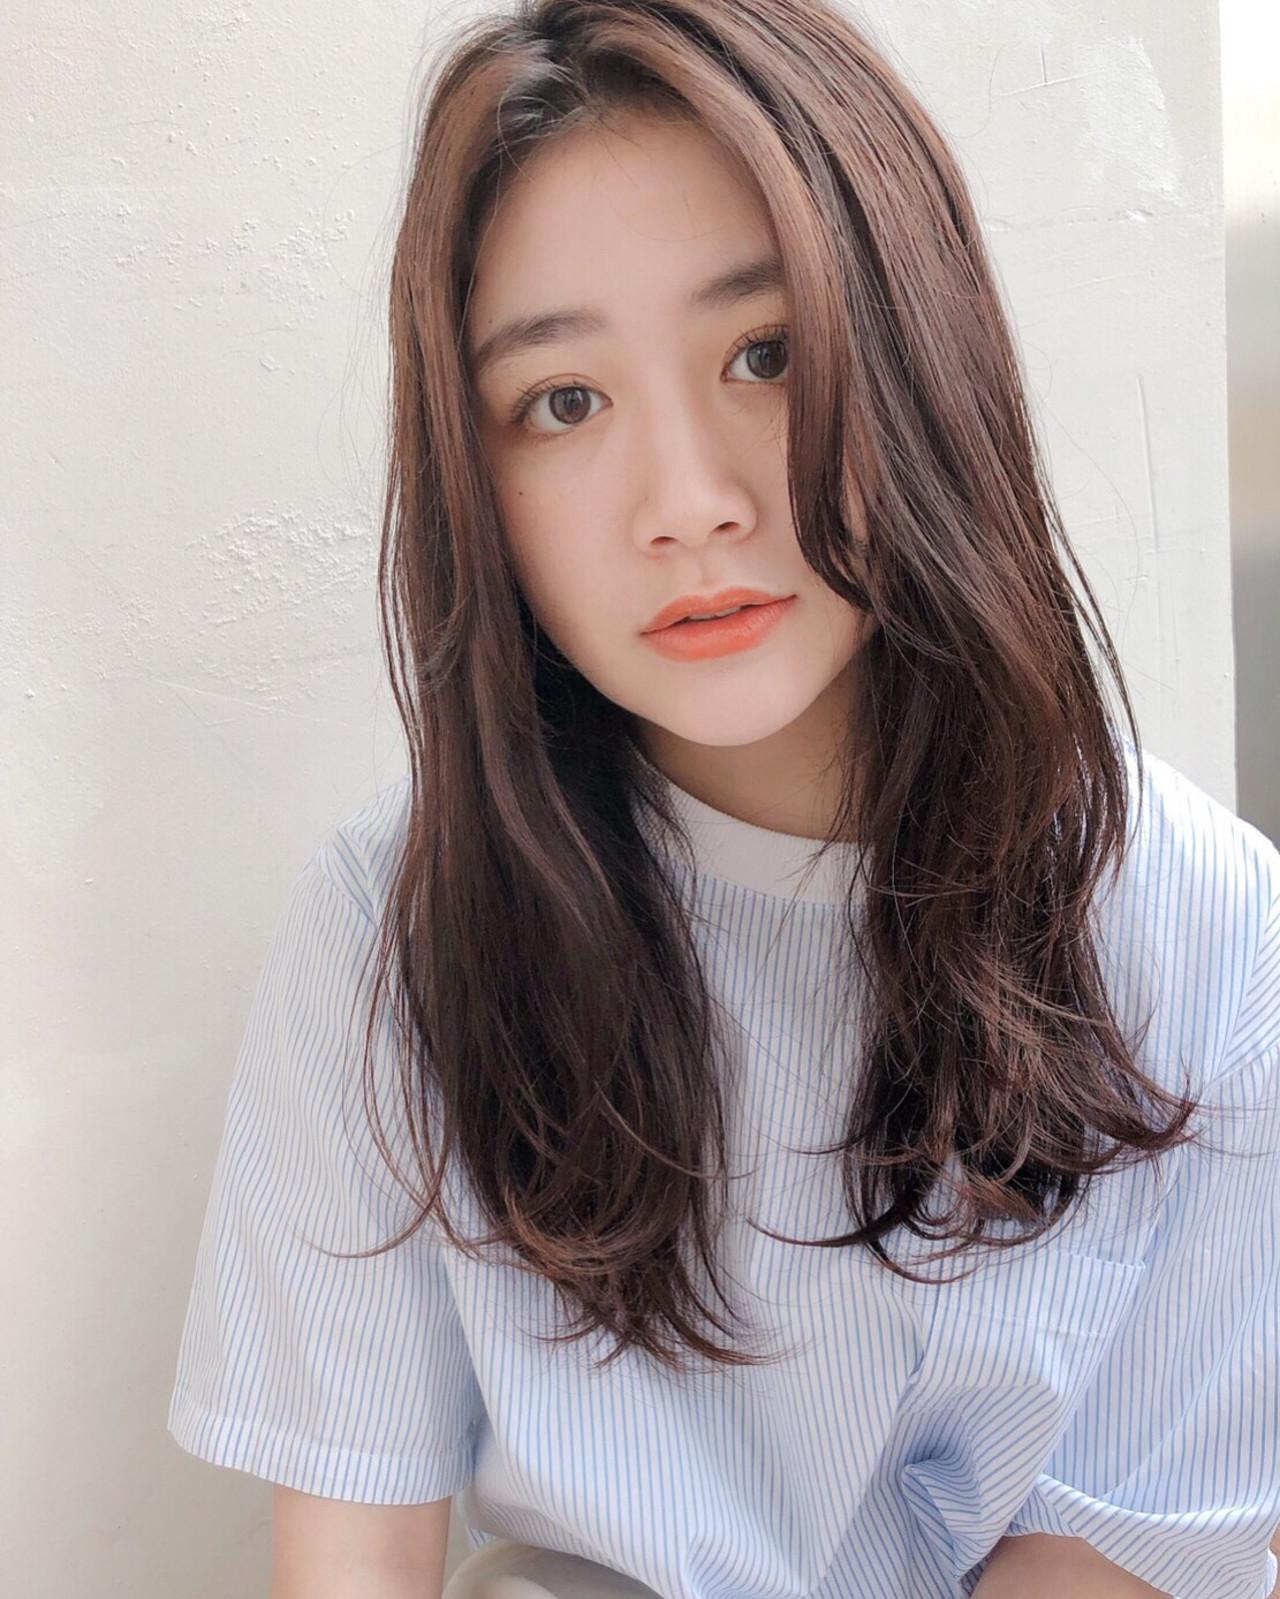 ナチュラル センターパート ロング 波ウェーブ ヘアスタイルや髪型の写真・画像 | natsuki /